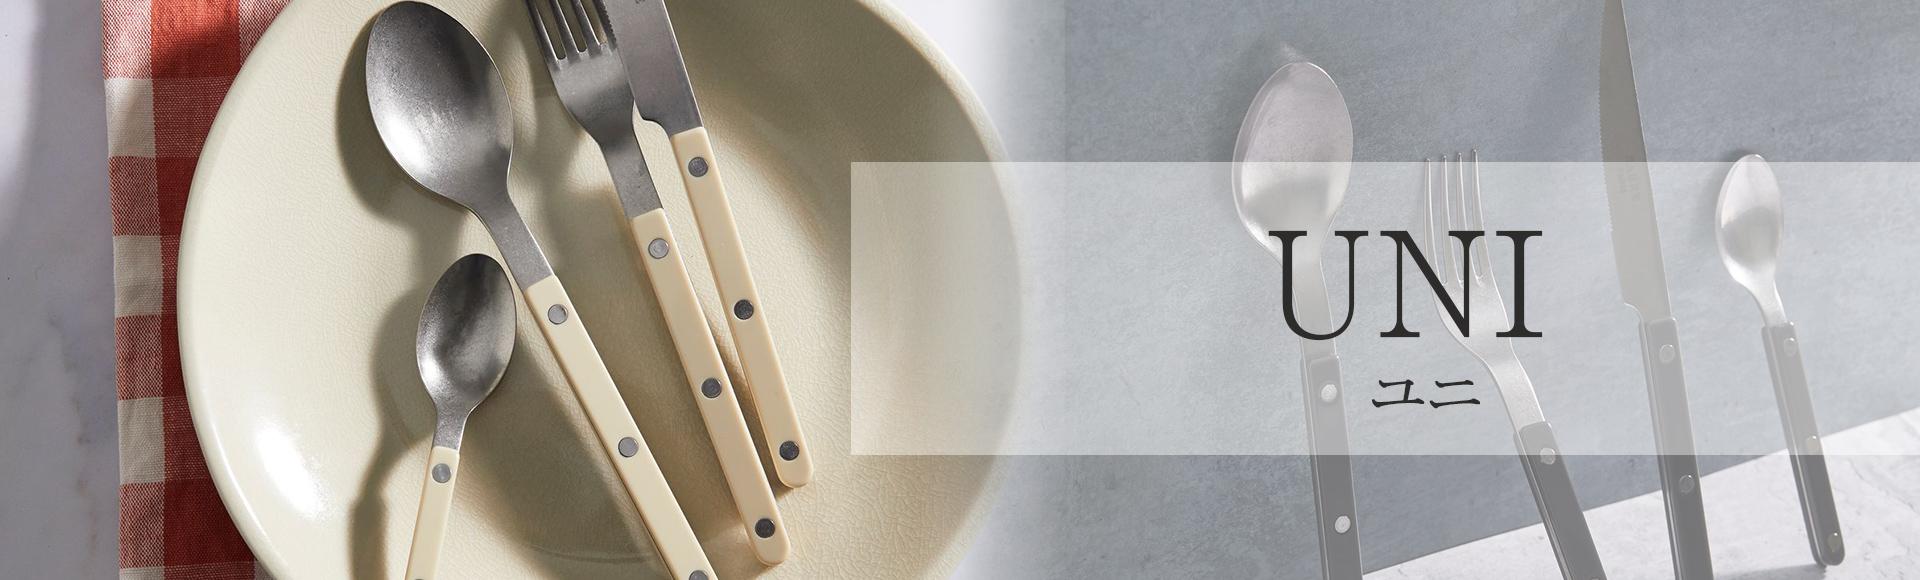 フランスのカトラリーブランドSABREの、使いやすいスリムなフォルムと、リベットを使ったデザイン、くっきりした色の柄の組み合わせが魅力のUniシリーズ。